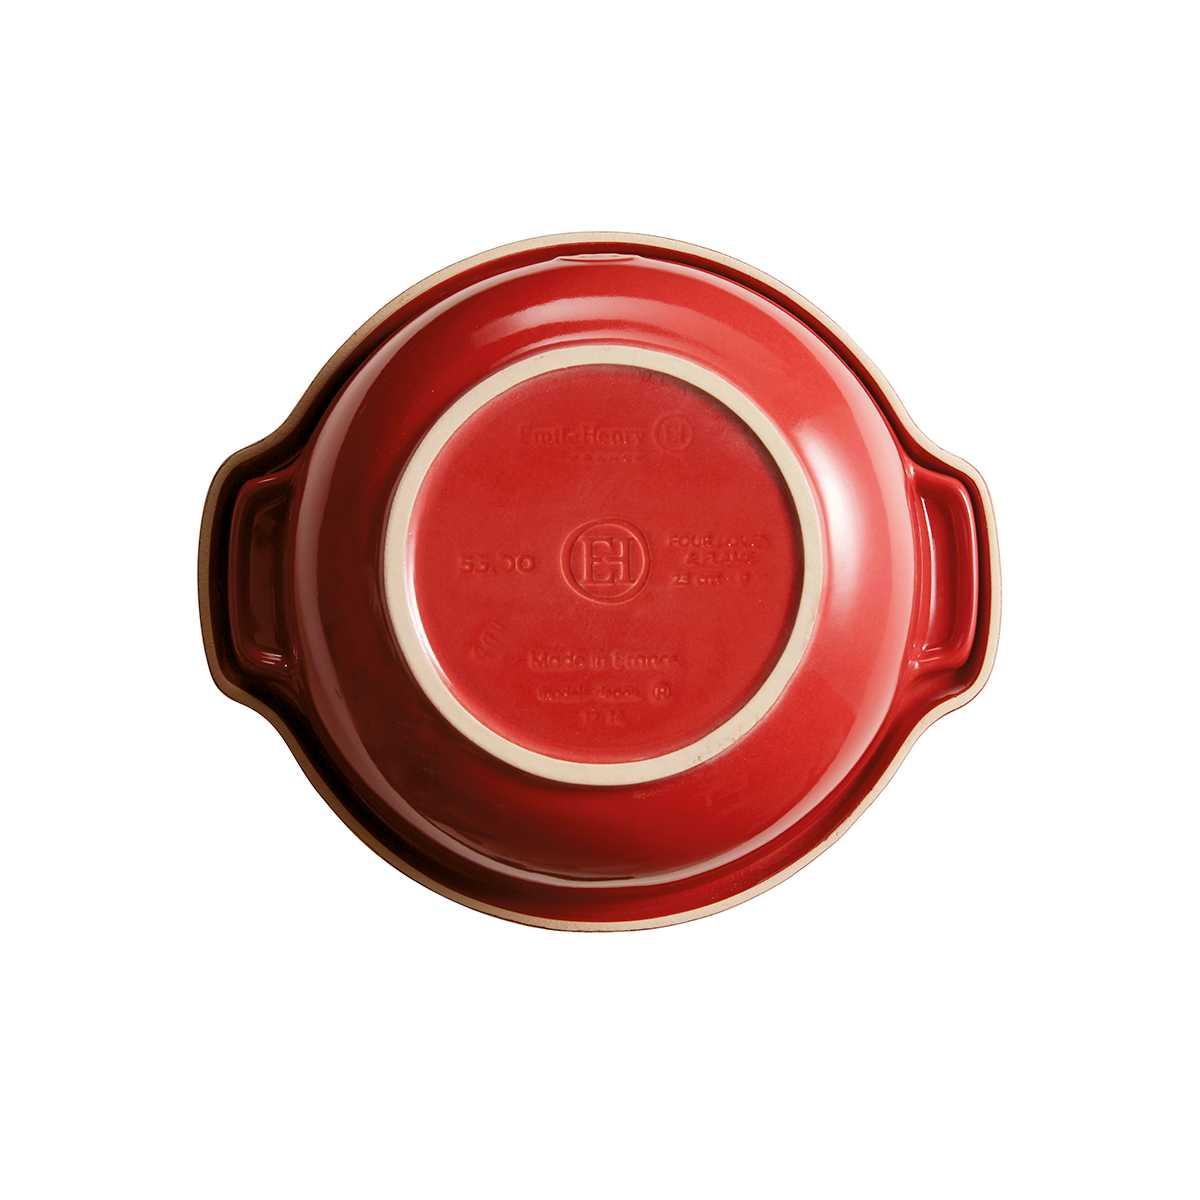 Горшочек для овощей Emile Henry Cookware, объем 2 л, красный Emile Henry 345500 фото 4